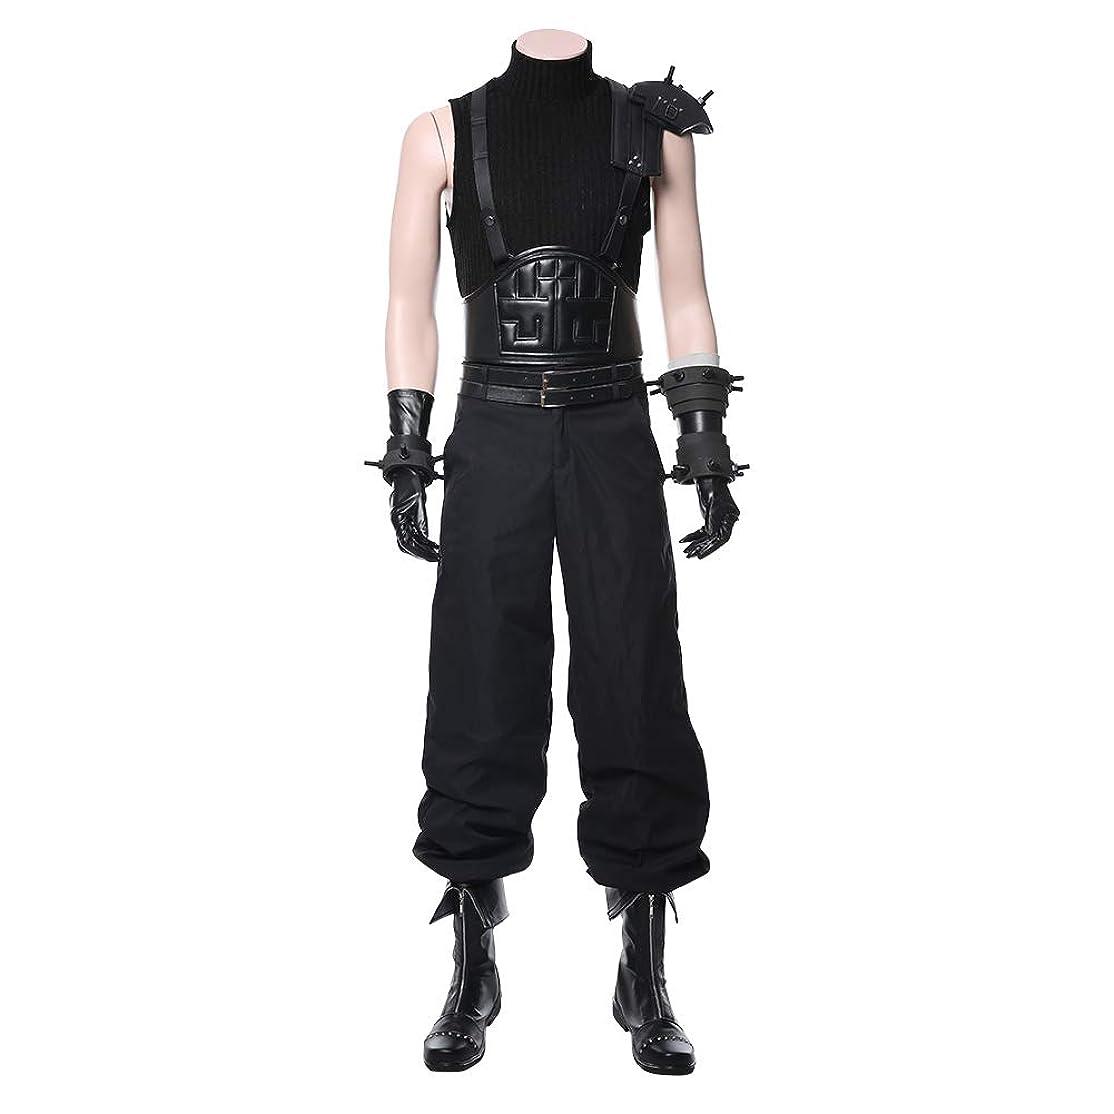 限界アシスト命題mrcos ファイナルファンタジーVII リメイク Final Fantasy VII Remake コスプレ衣装 クラウド?ストライフ (Cloud Strife) コスチューム 変装 仮装 ハロウィン イベント 女性L